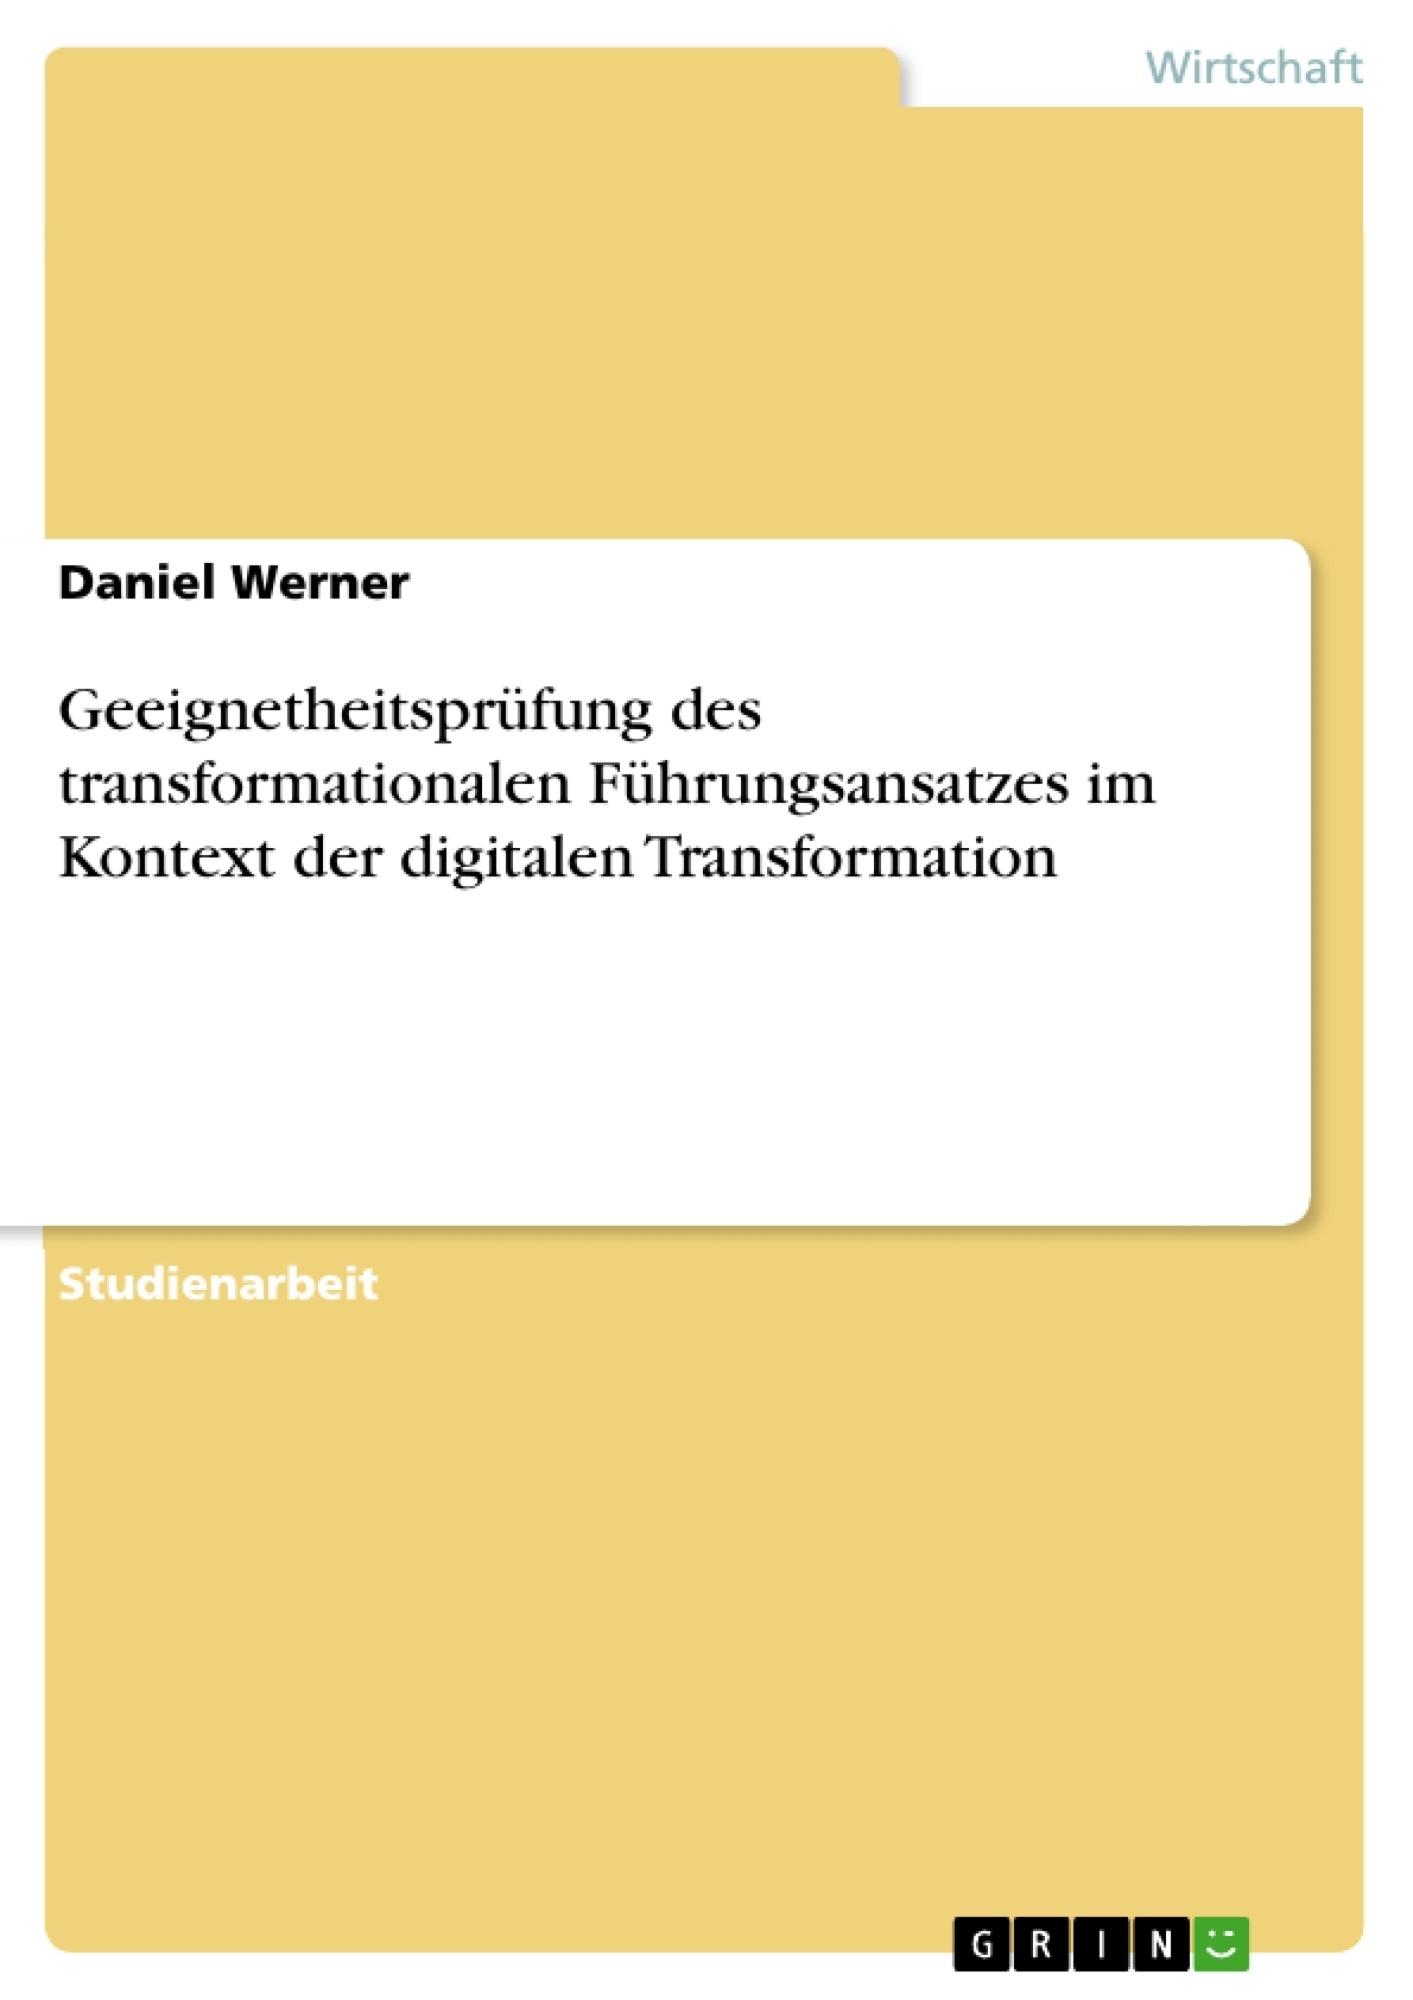 Titel: Geeignetheitsprüfung des transformationalen Führungsansatzes im Kontext der digitalen Transformation